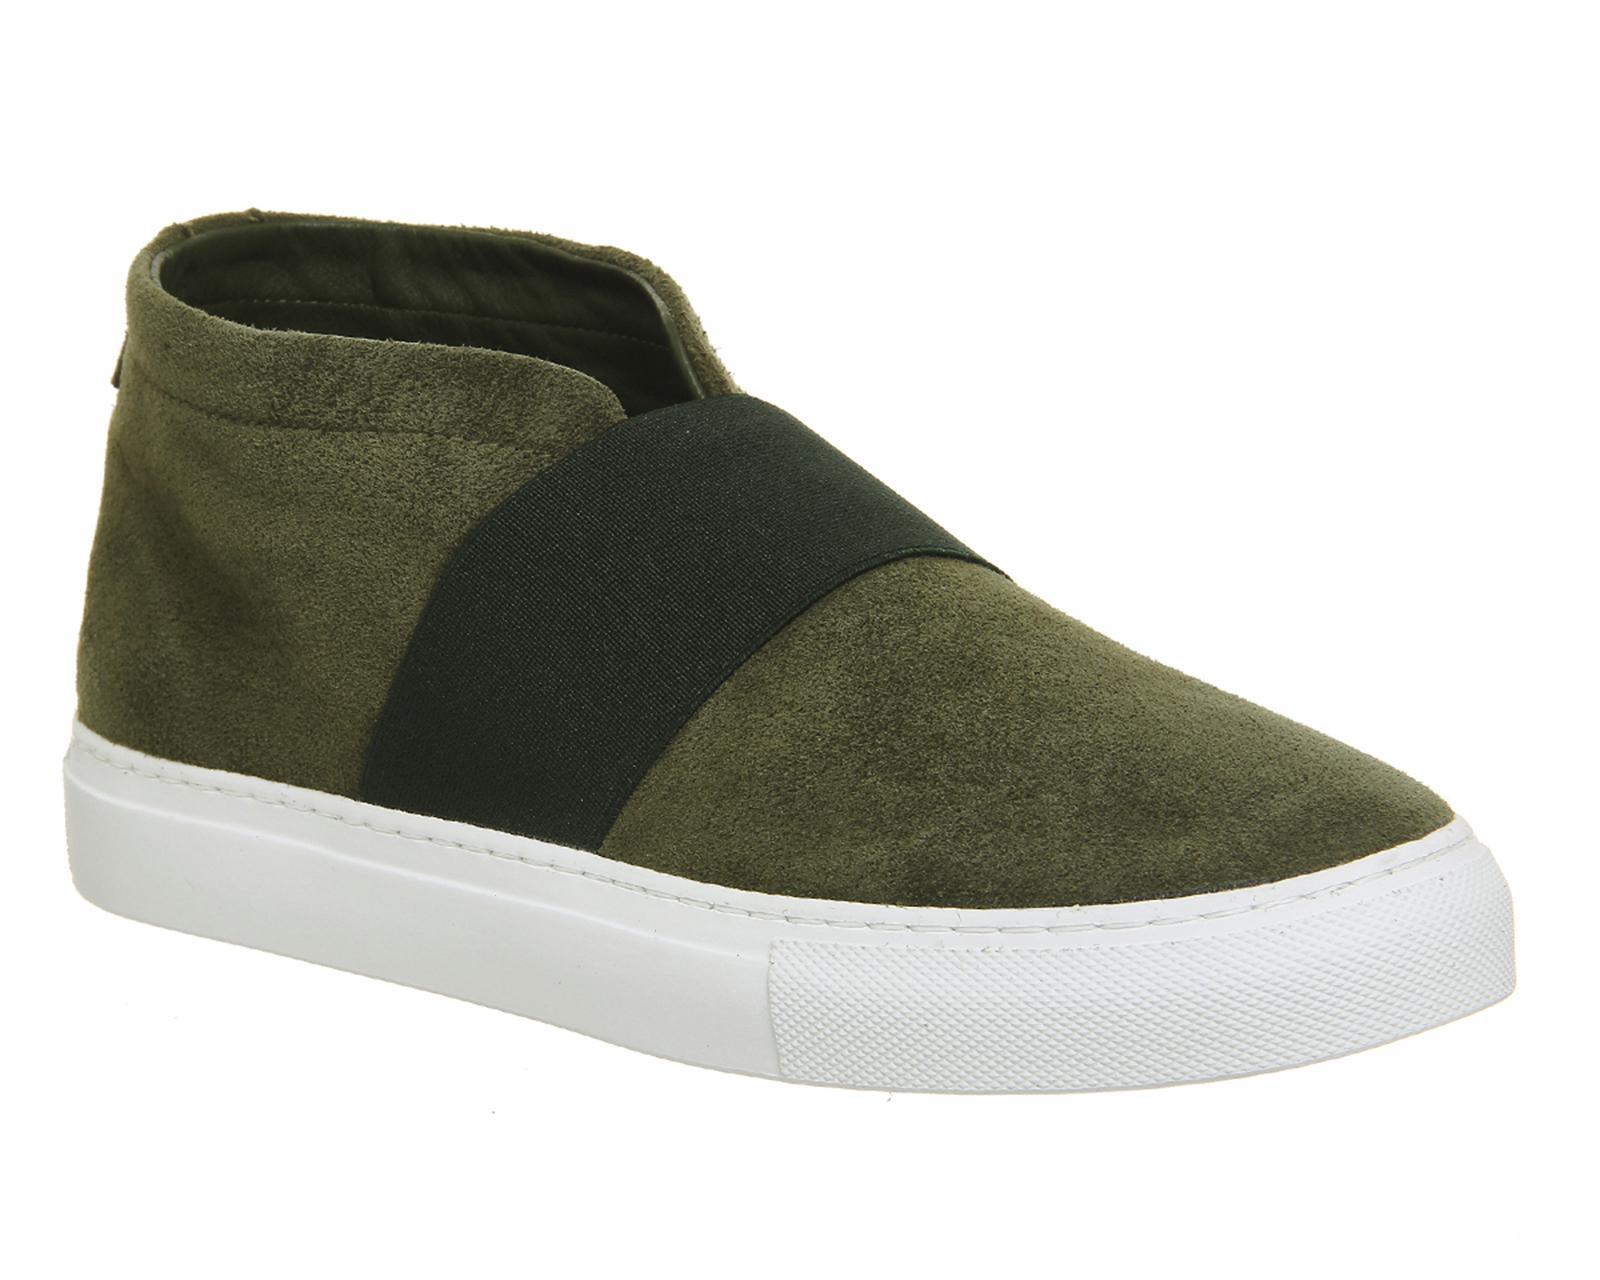 Diemme Cassola Mid Sneakers uxoS5y